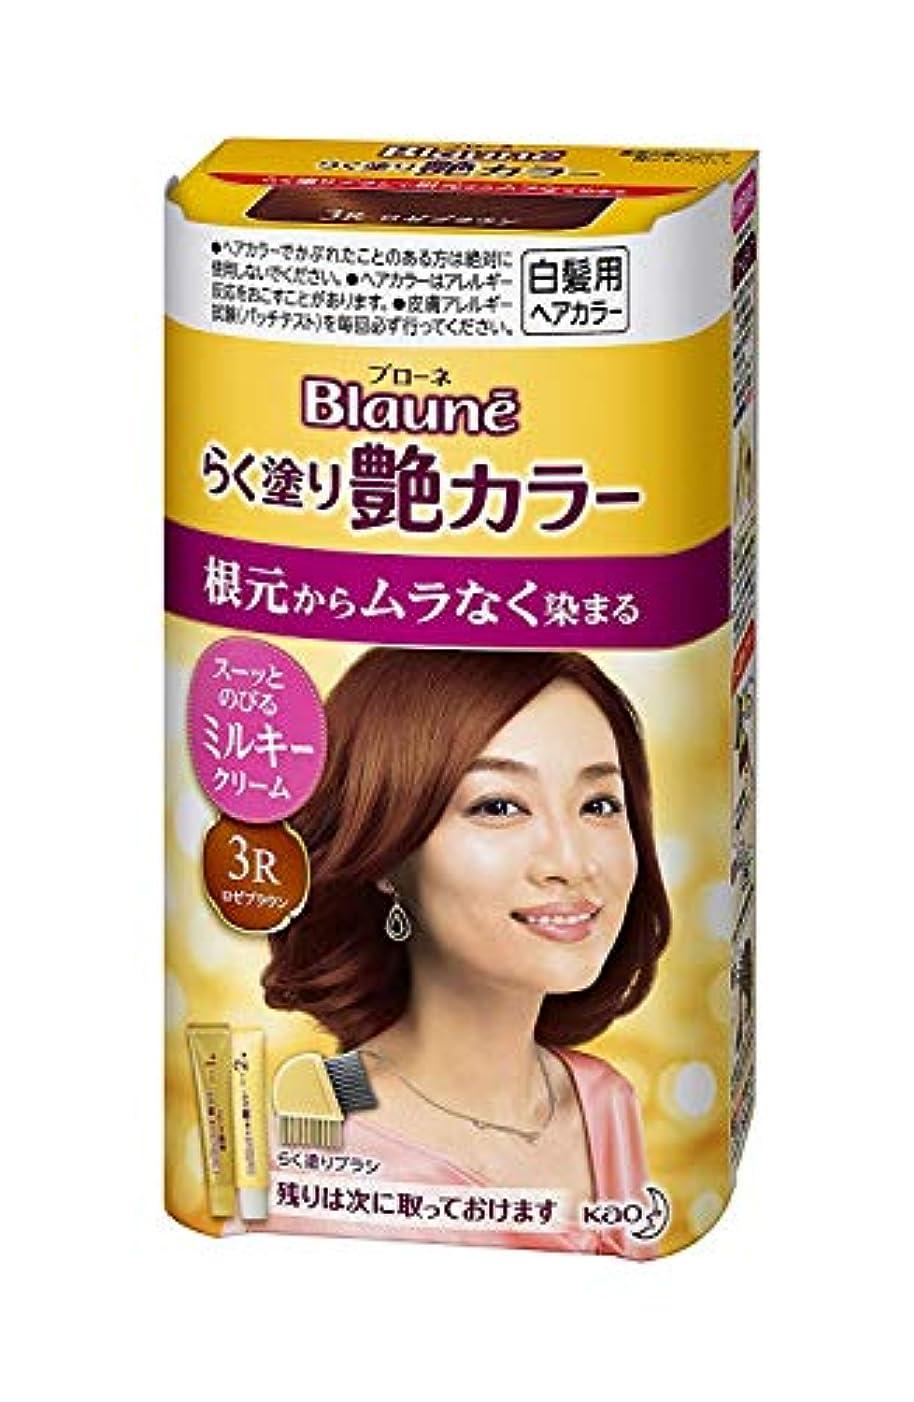 熱帯の顔料カフェ【花王】ブローネ らく塗り艶カラー 3R ロゼブラウン 100g ×3個セット